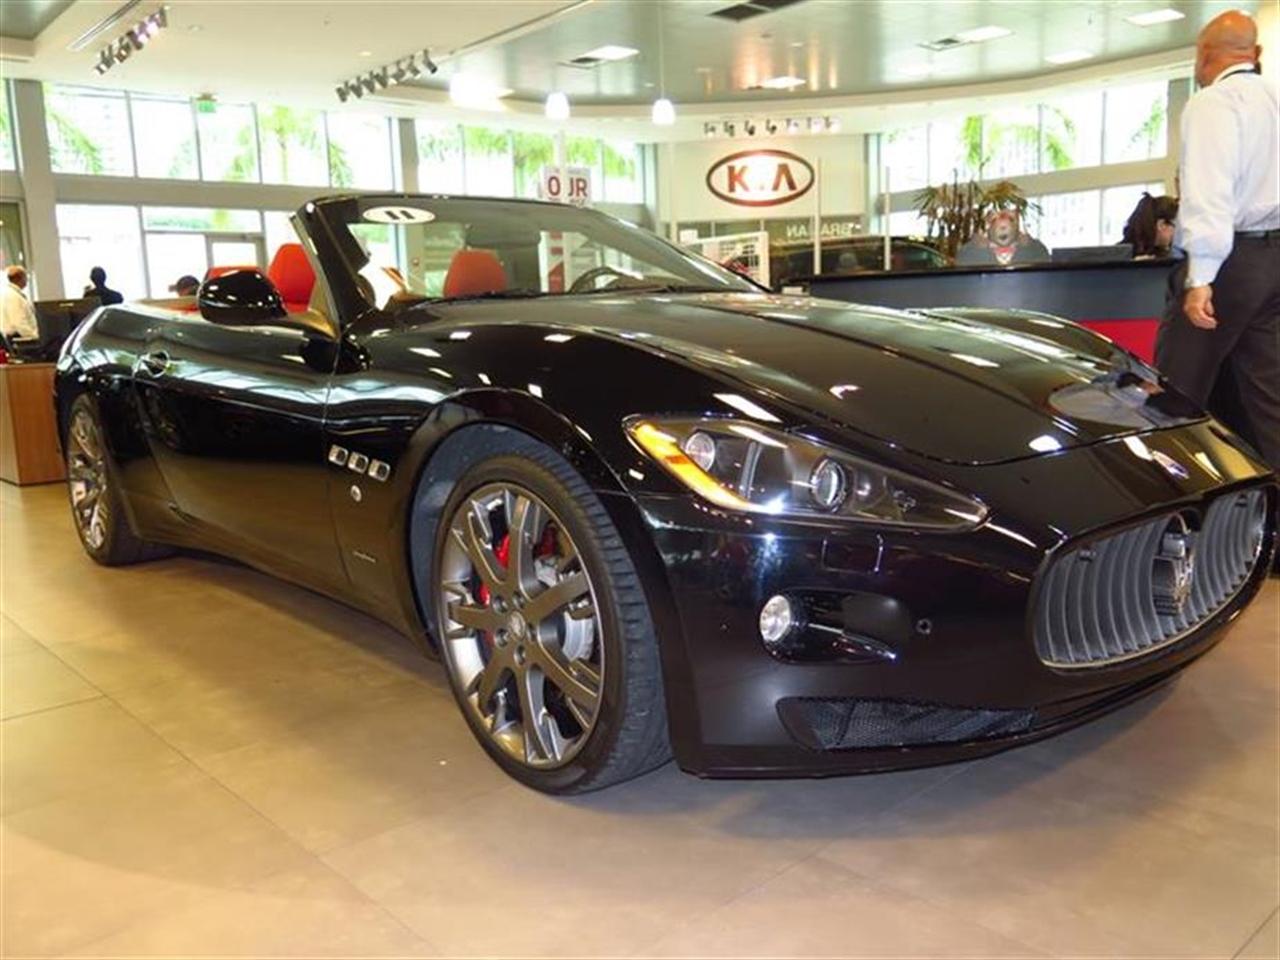 2011 MASERATI GRANTURISMO CONVERTIBLE 2dr Conv GranTurismo 8861 miles 3-spoke black leather sports